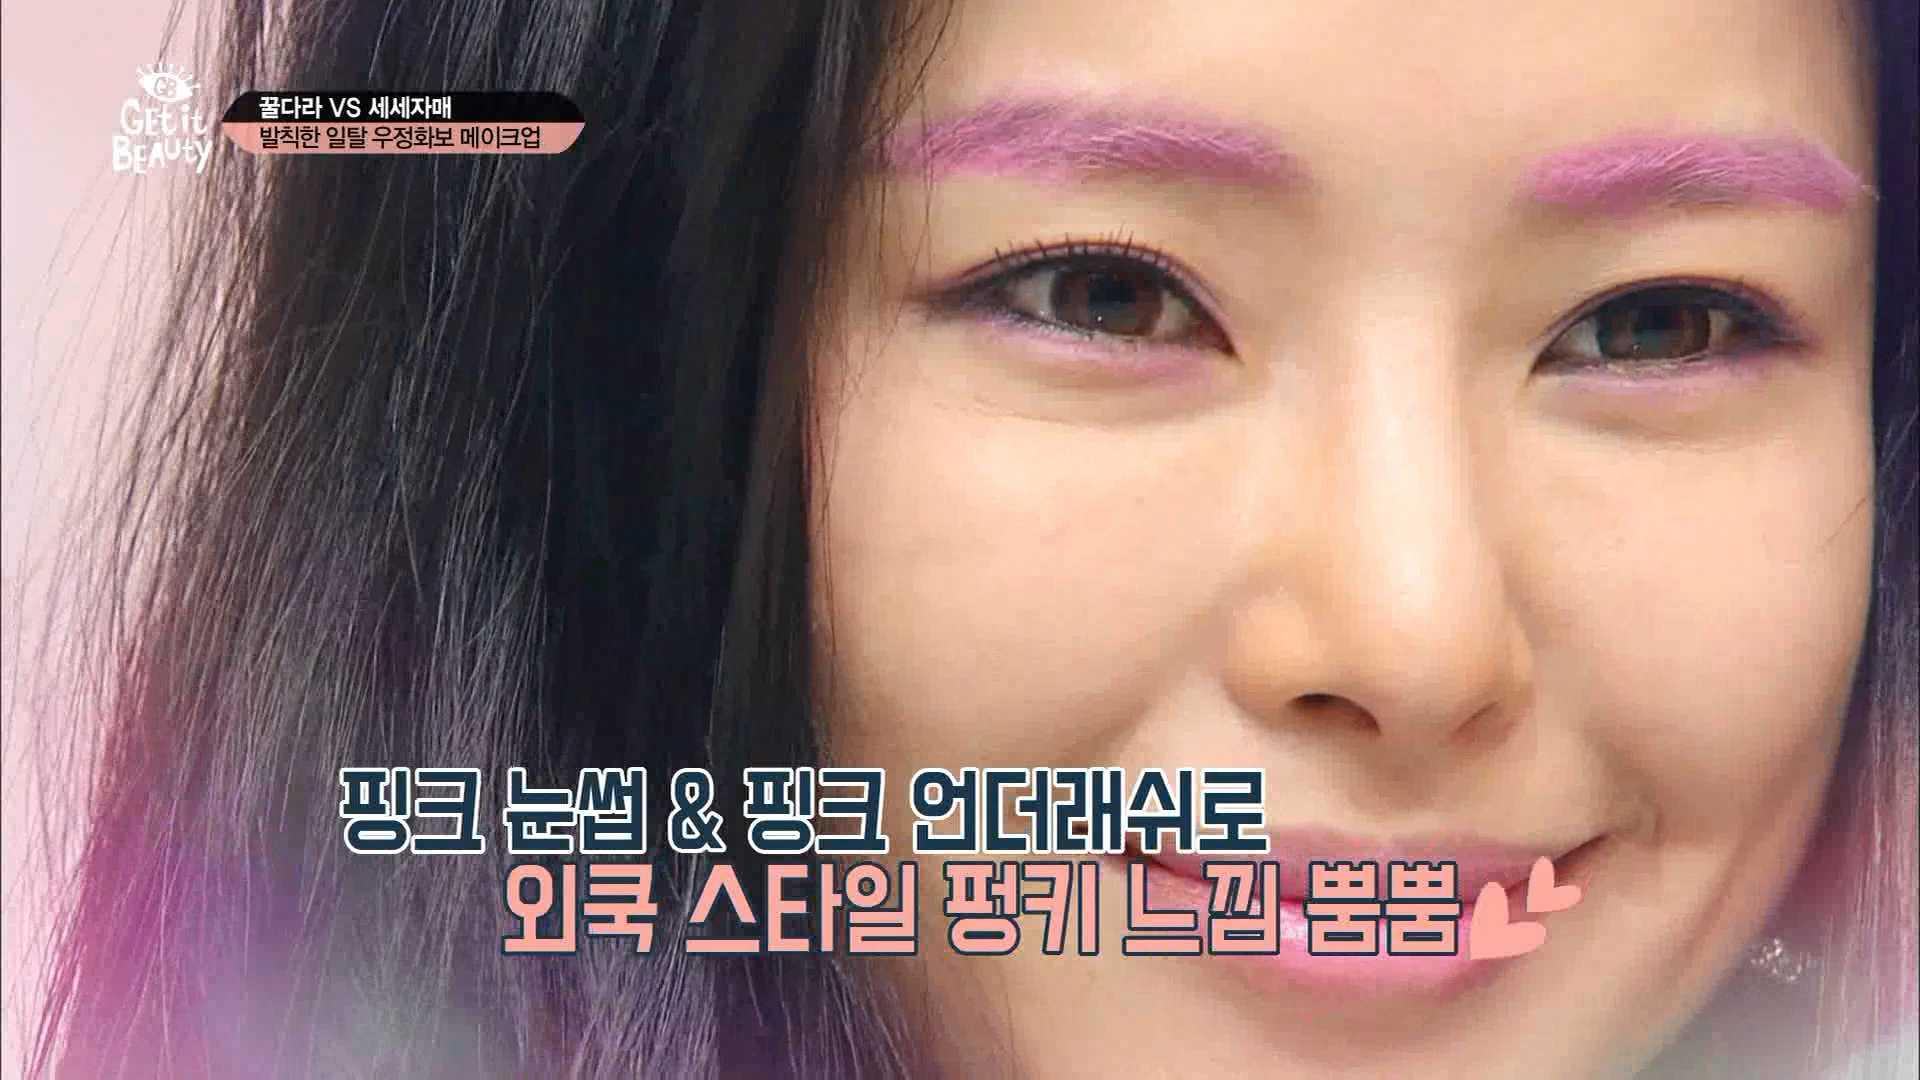 핑크 눈썹과 언더래쉬로 외국 스타일 펑키 느낌 메이크업 완성 ~~♥